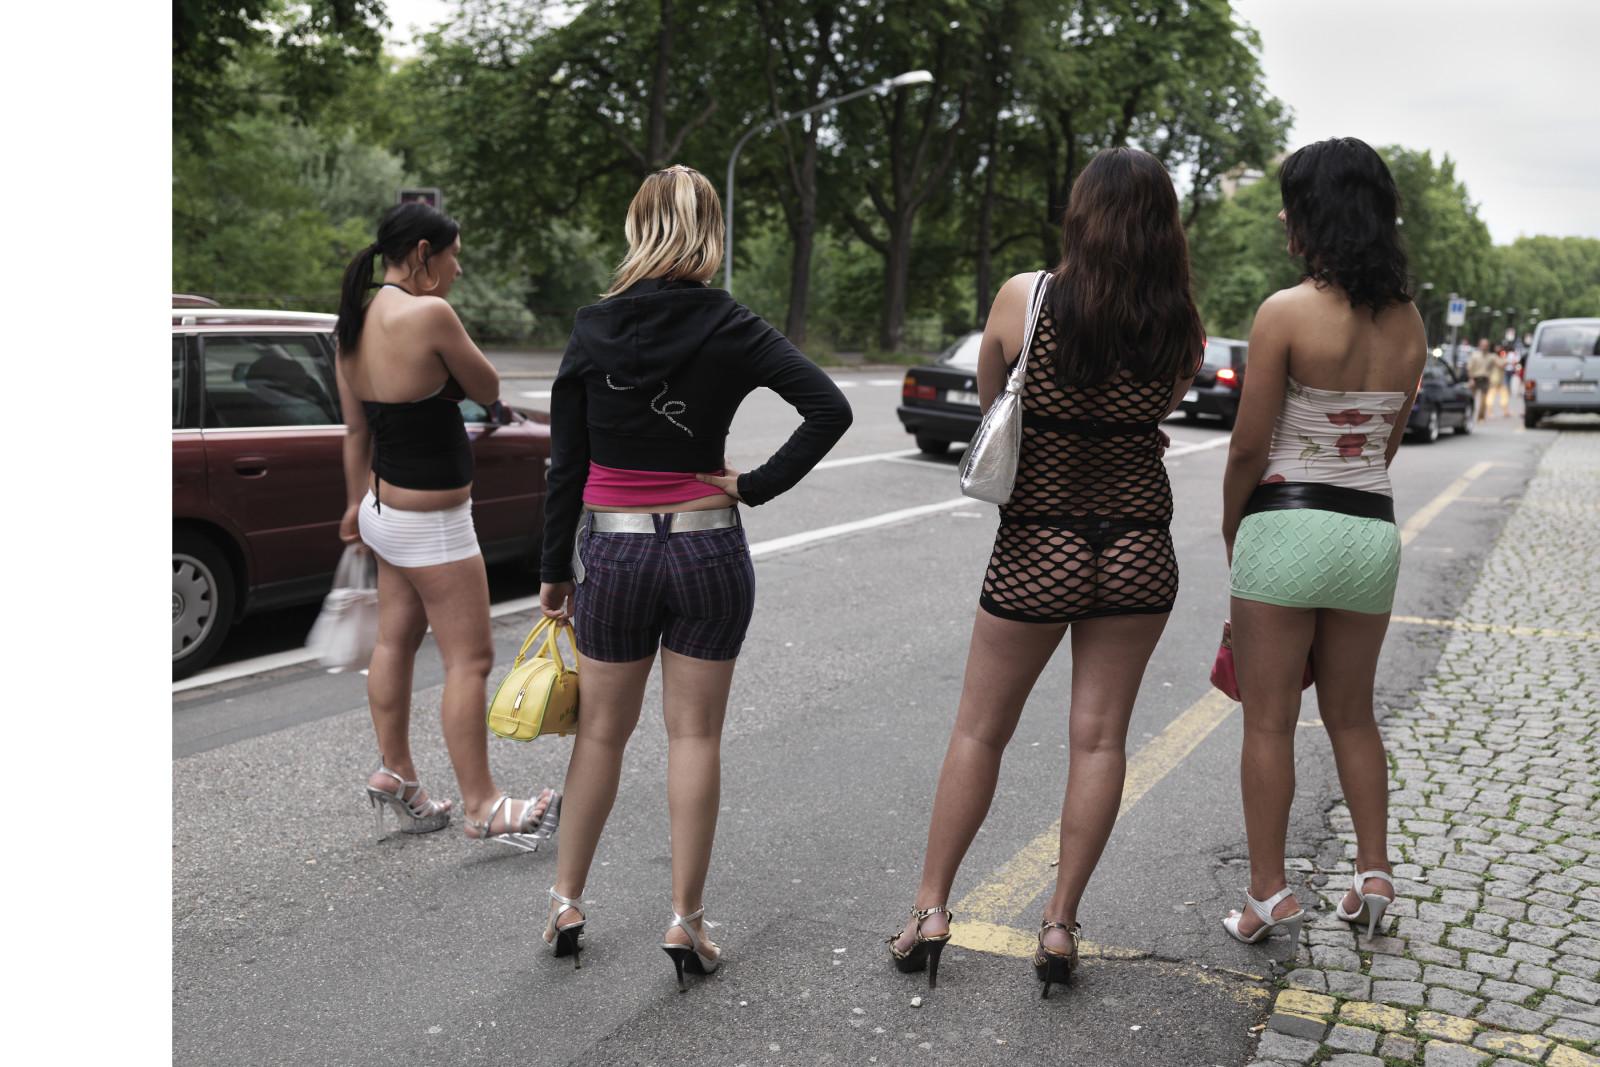 проститутках проституции о и